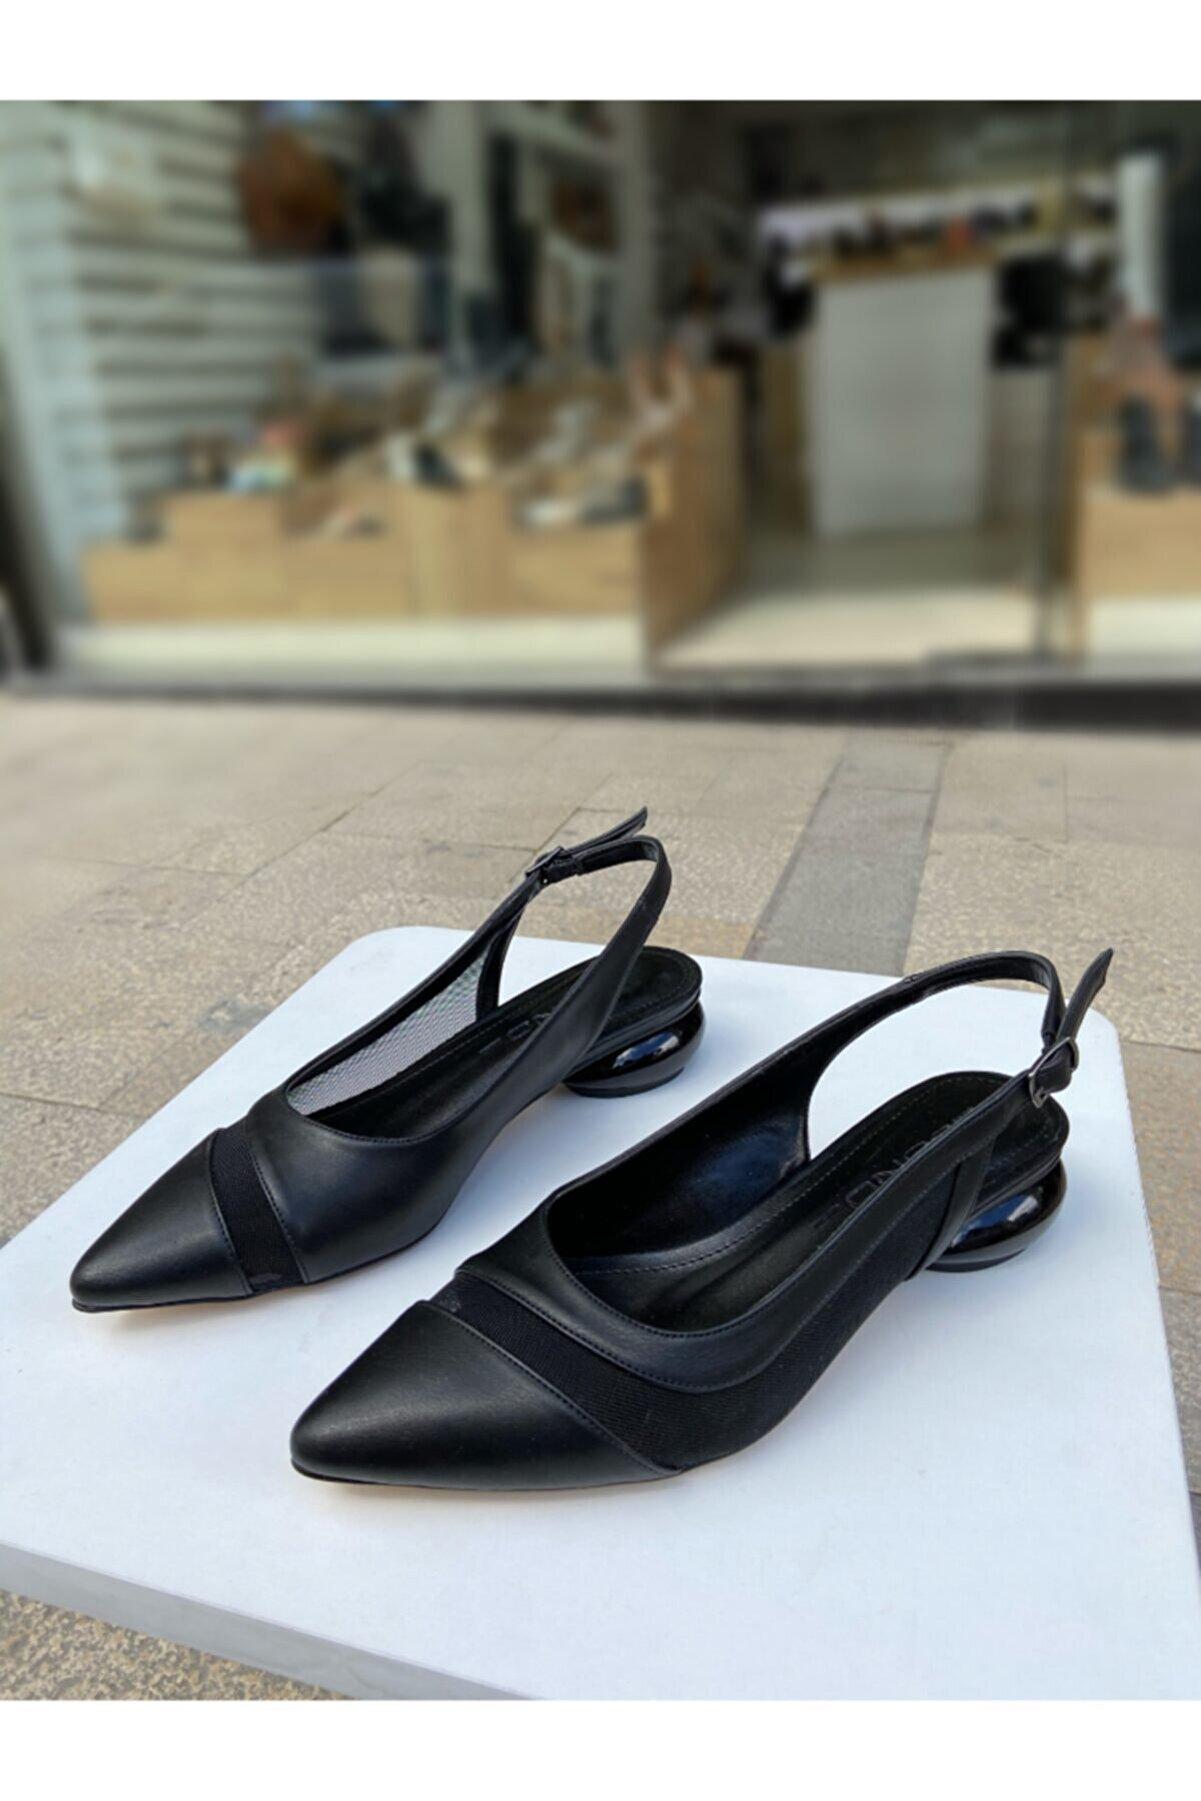 gloriyshoes Siyah Cilt Tasarım Topuk Arkası Açık File Detaylı